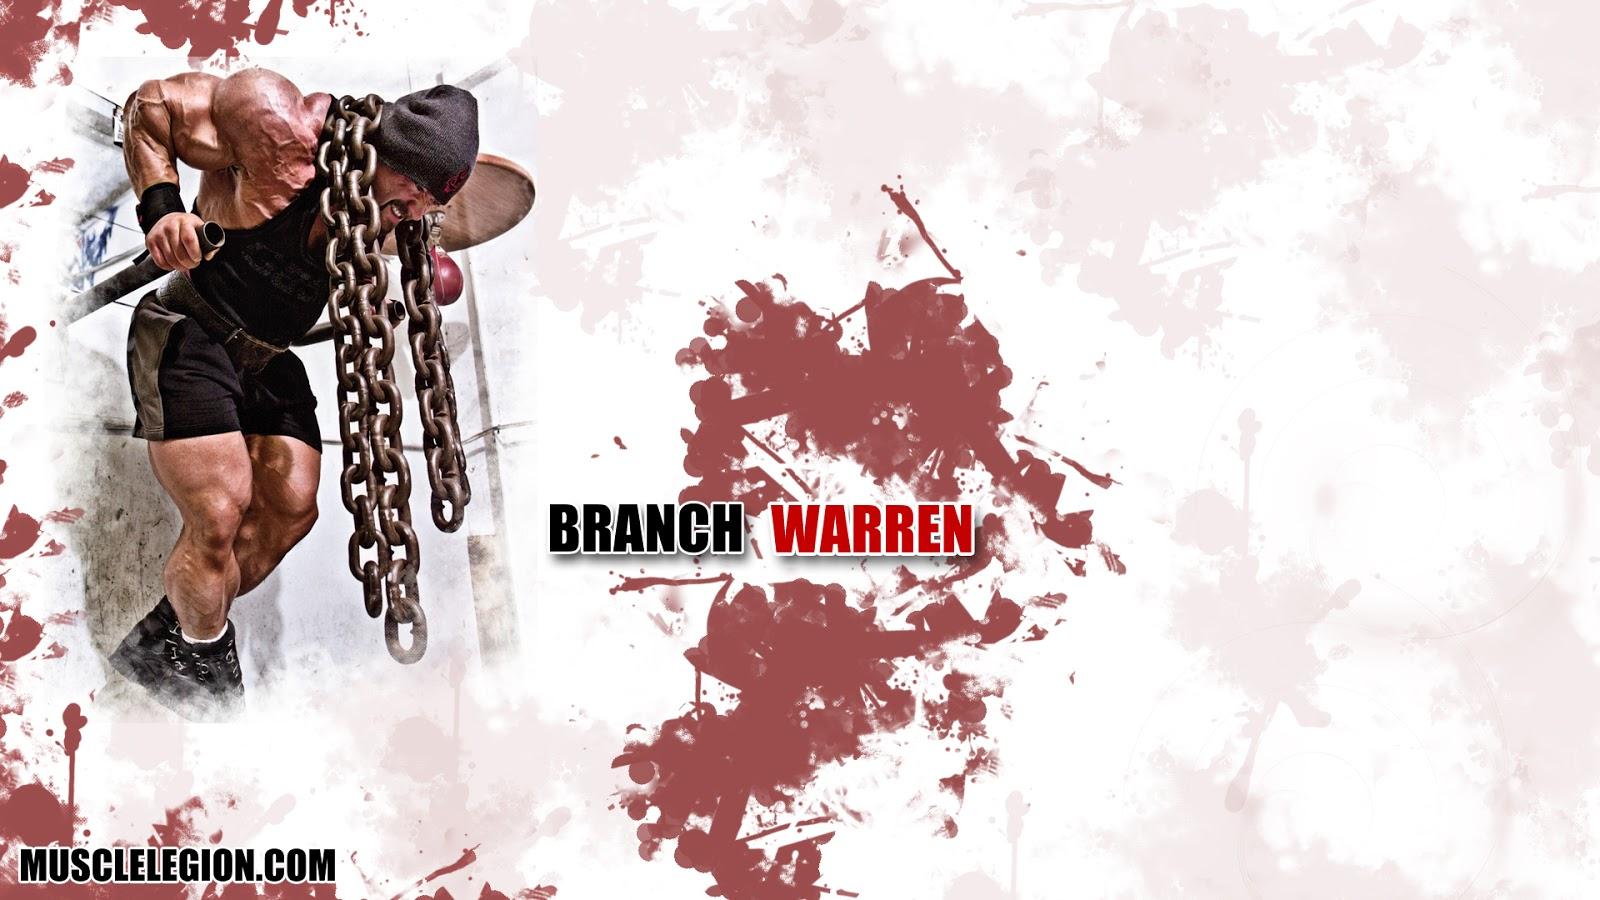 http://1.bp.blogspot.com/-EqrDmuN1GHI/USs0lDUxogI/AAAAAAAAAiY/GgkCWU3bQsg/s1600/Branch+Warren+Wallpaper.jpg